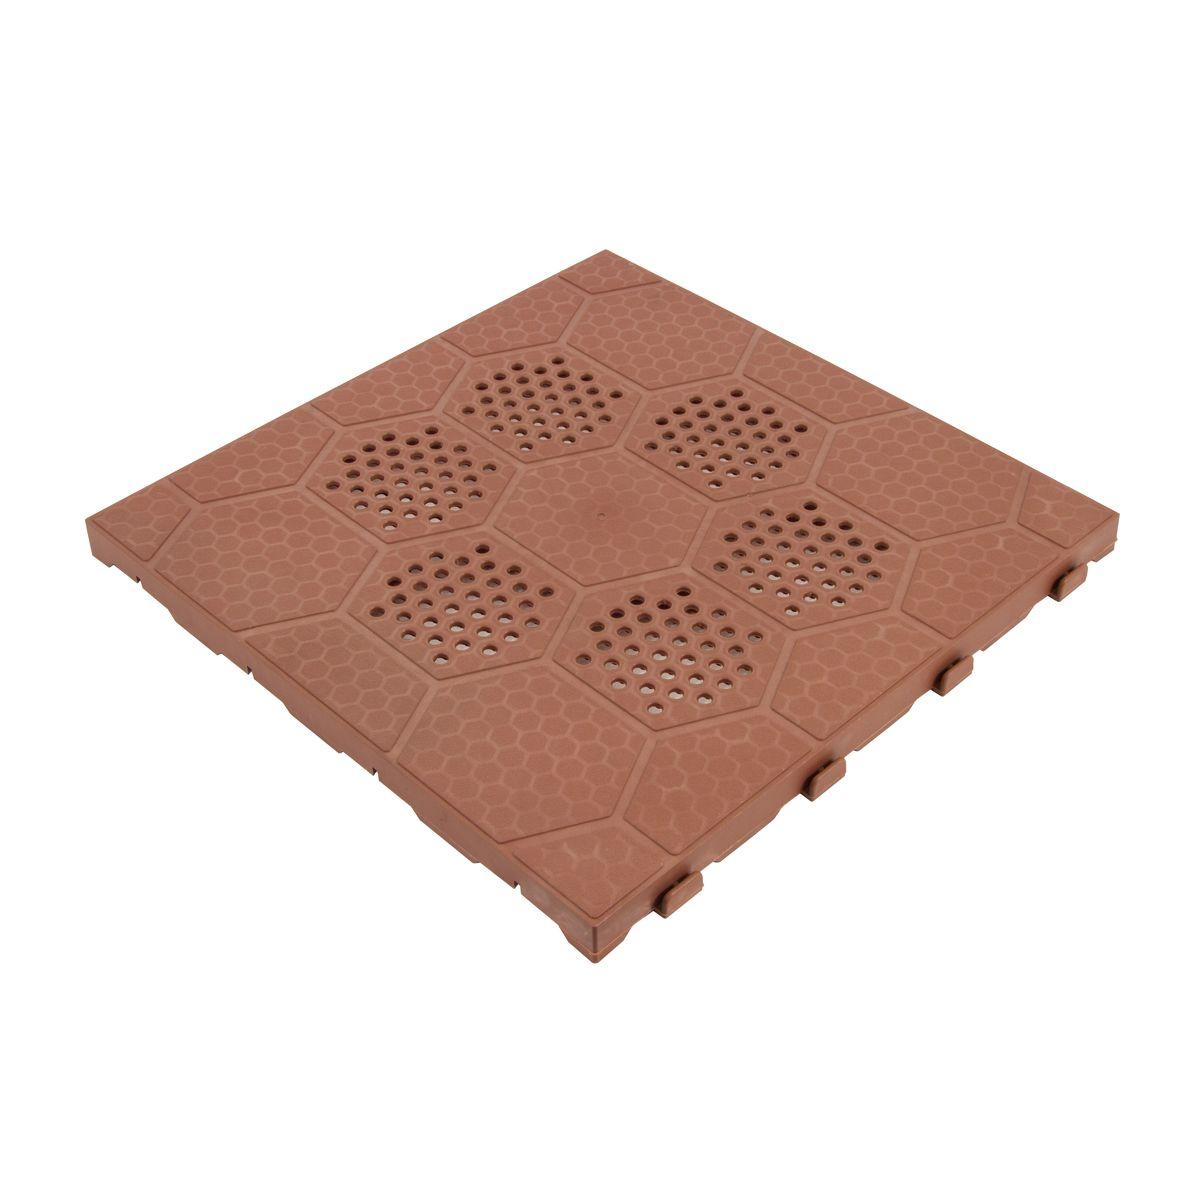 Pavimenti in legno, legno composito e plastica: prezzi e offerte ...